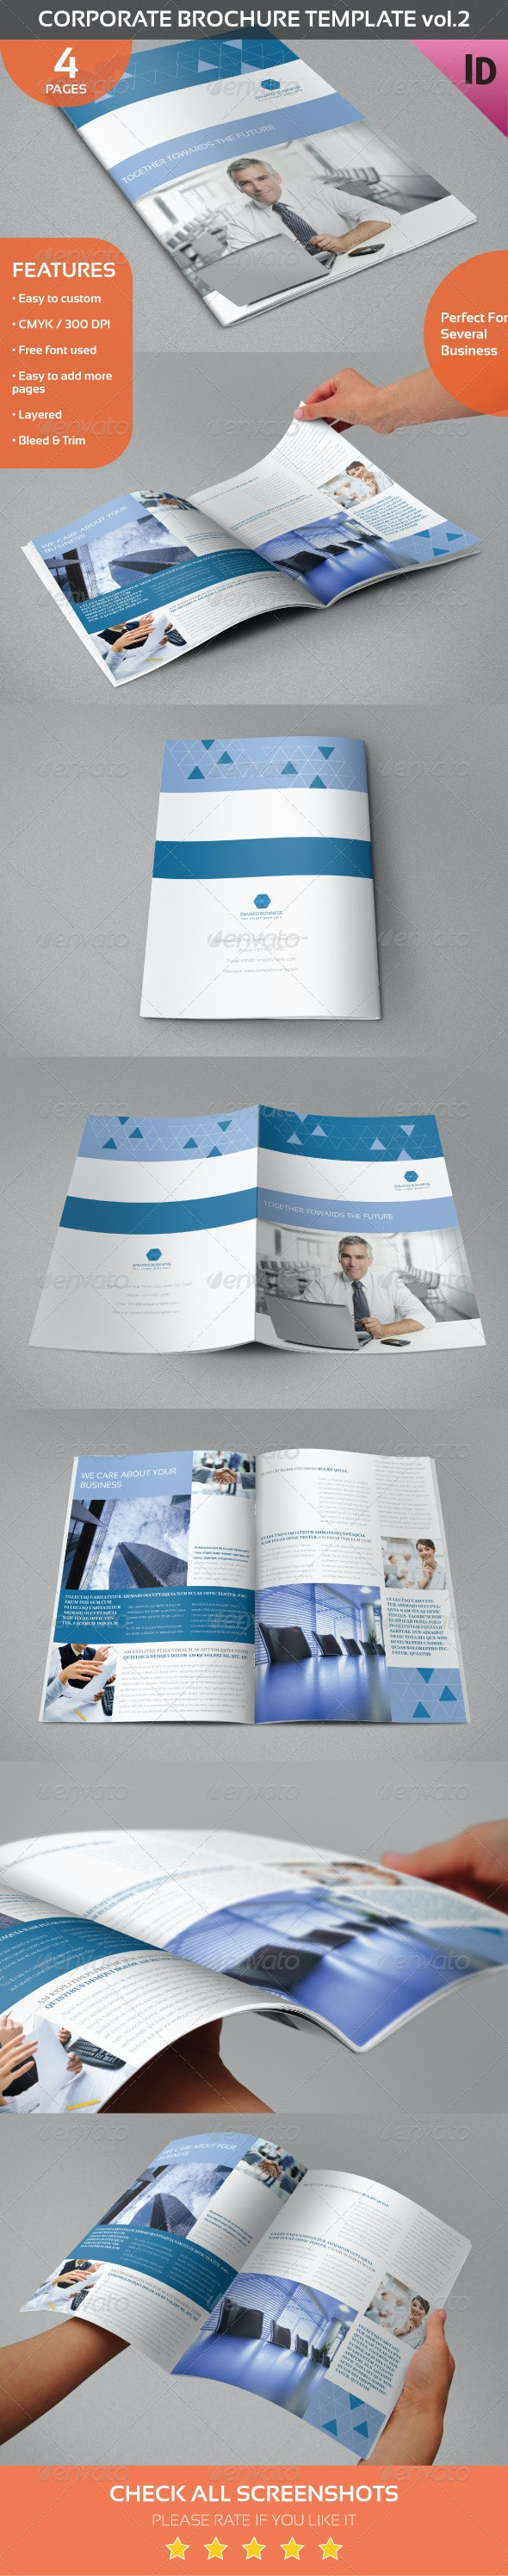 Corporate Brochure Template vol.2 - Informational Brochures